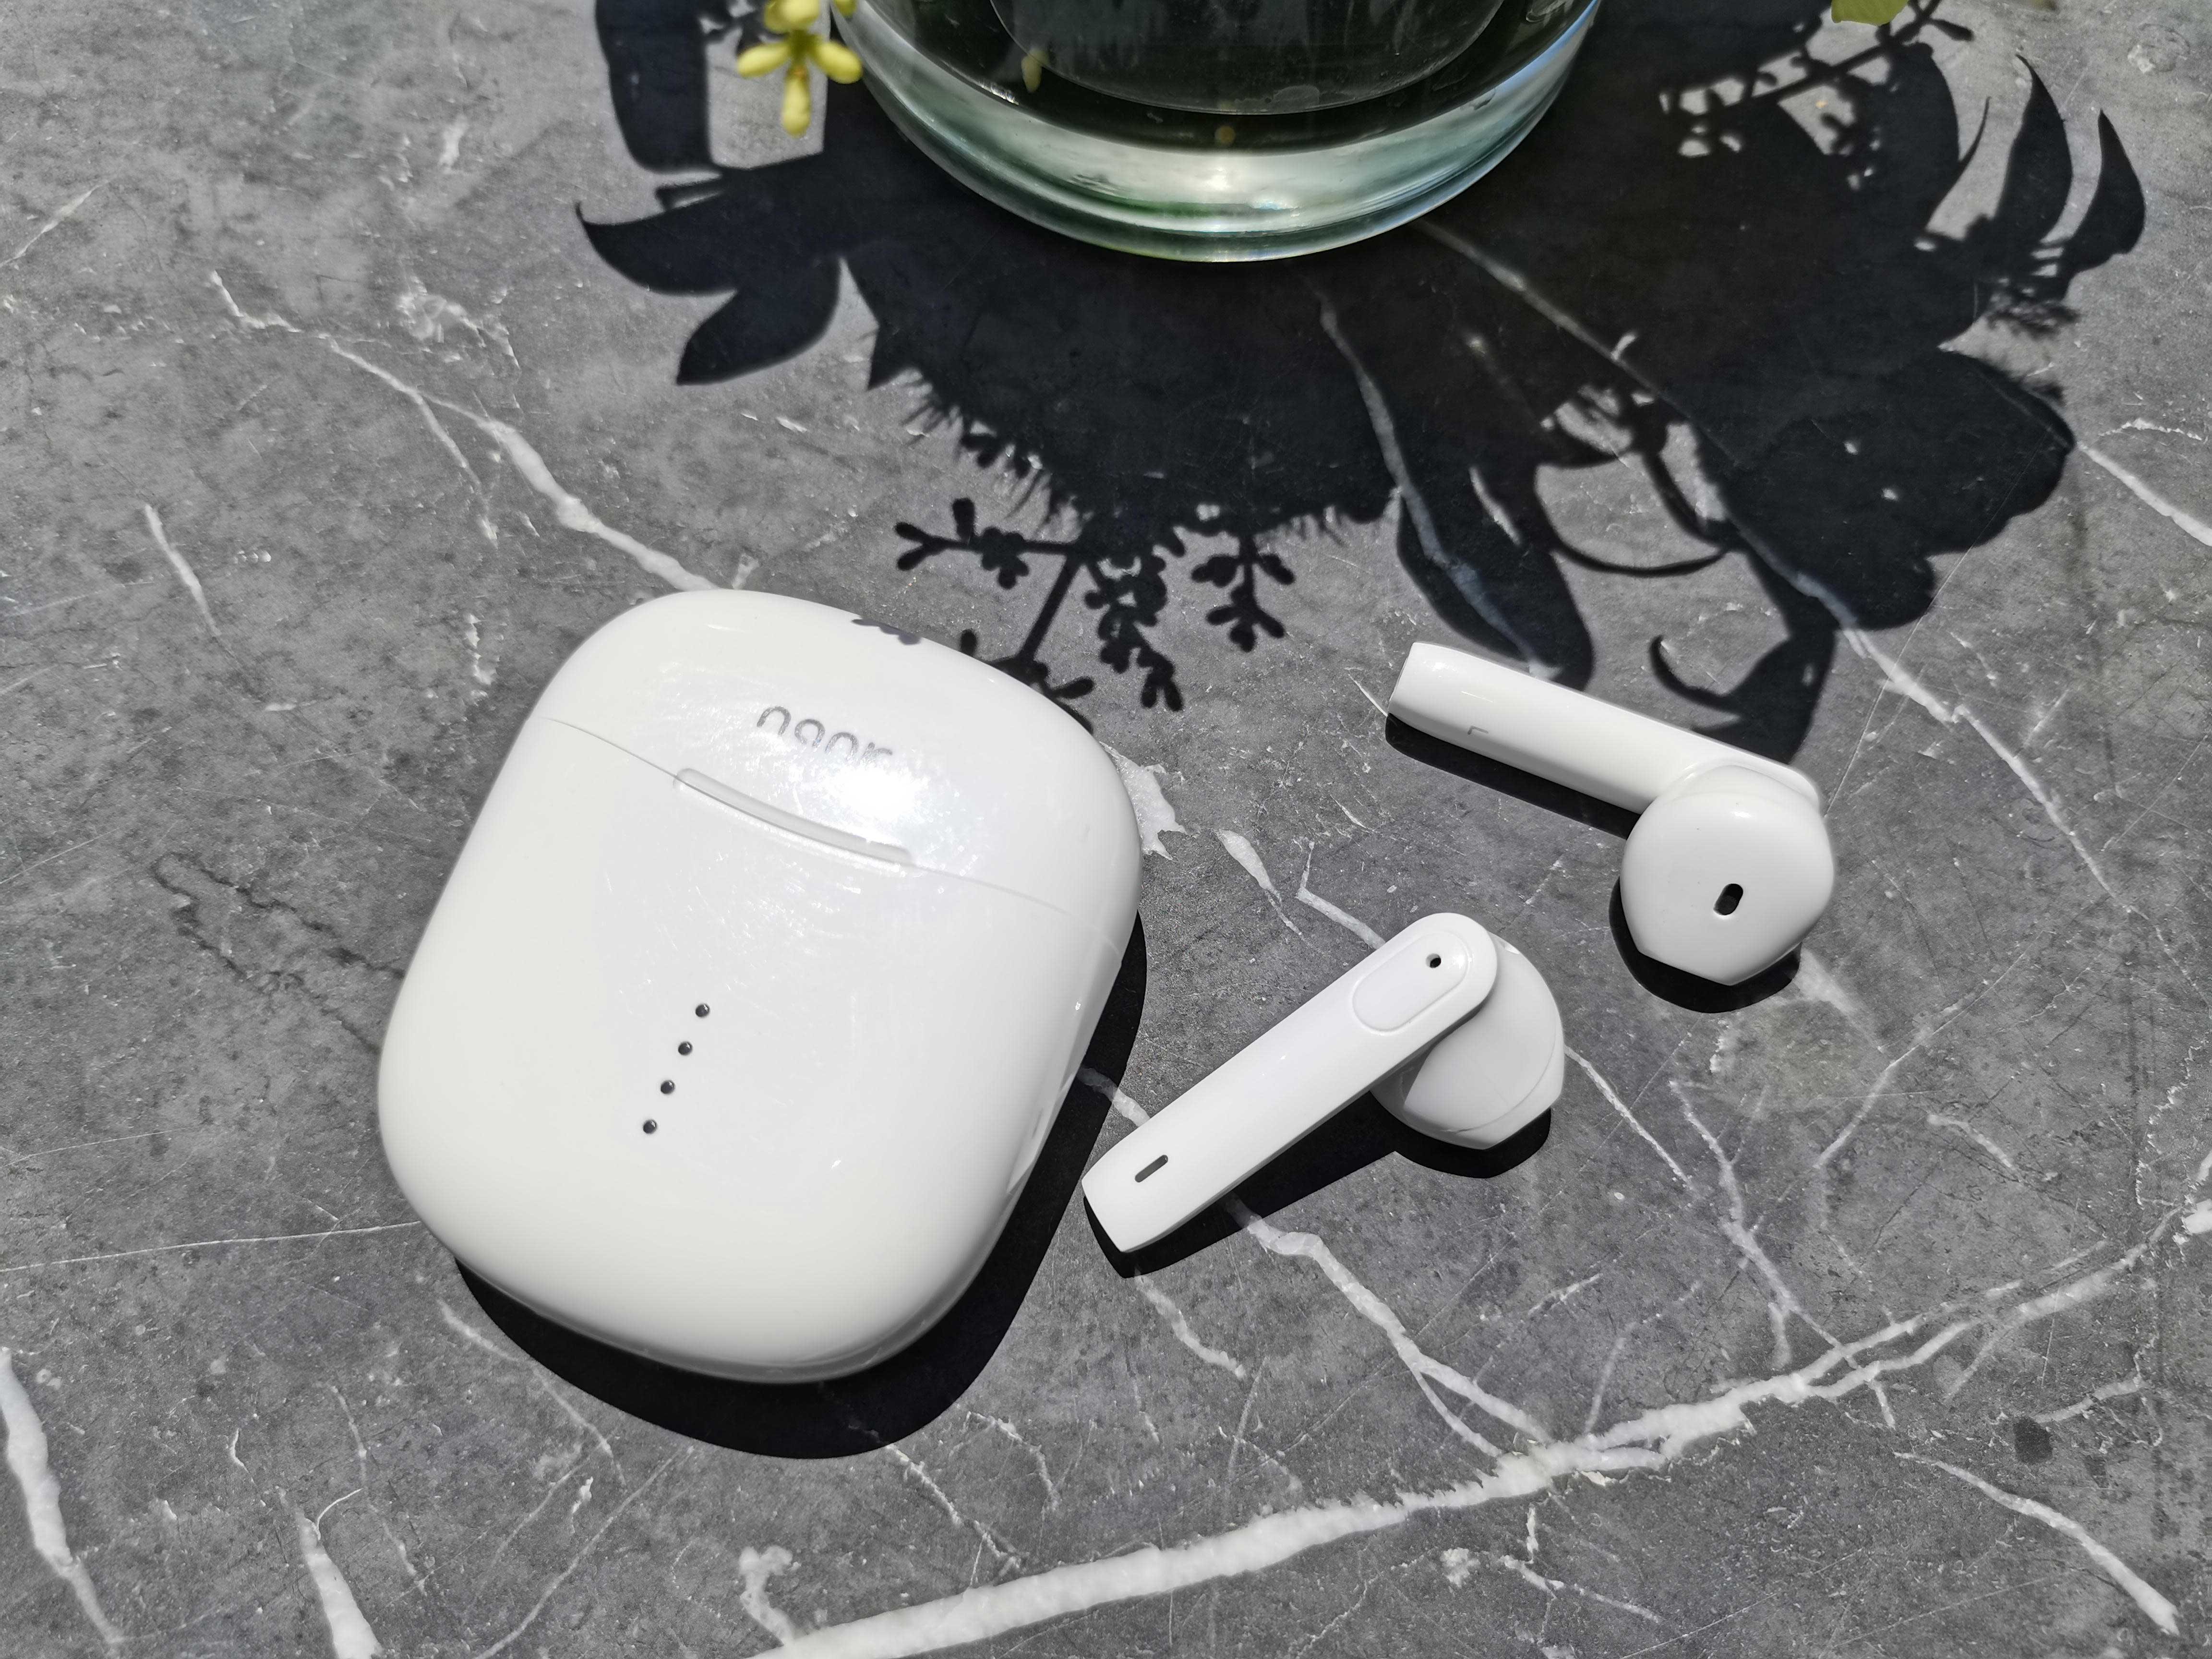 双十一值得入手的无线耳机推荐,盘点几款性价比高的无线耳机